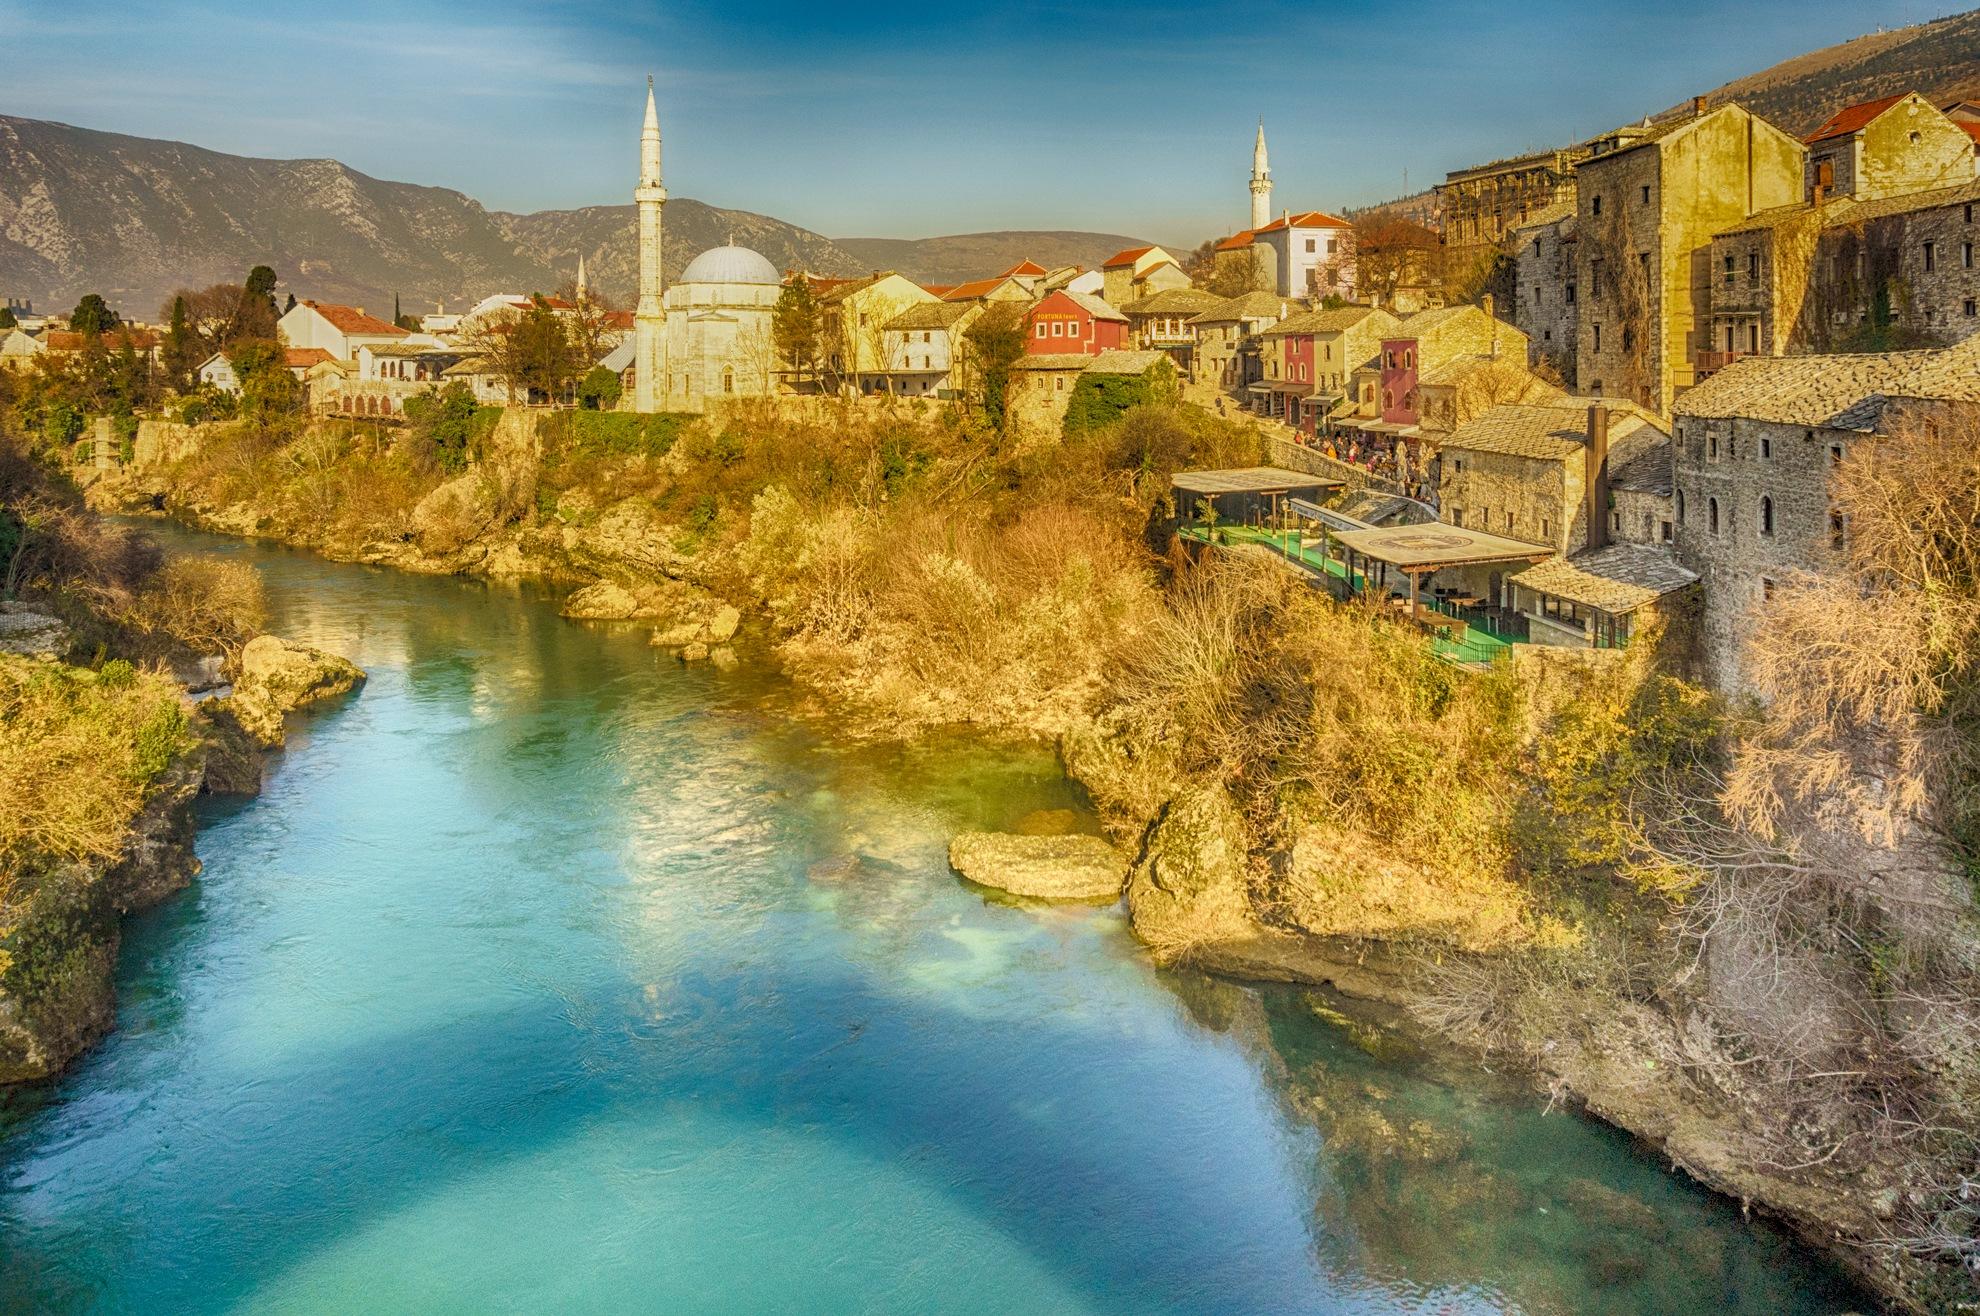 Mostar by Venelin Todorov